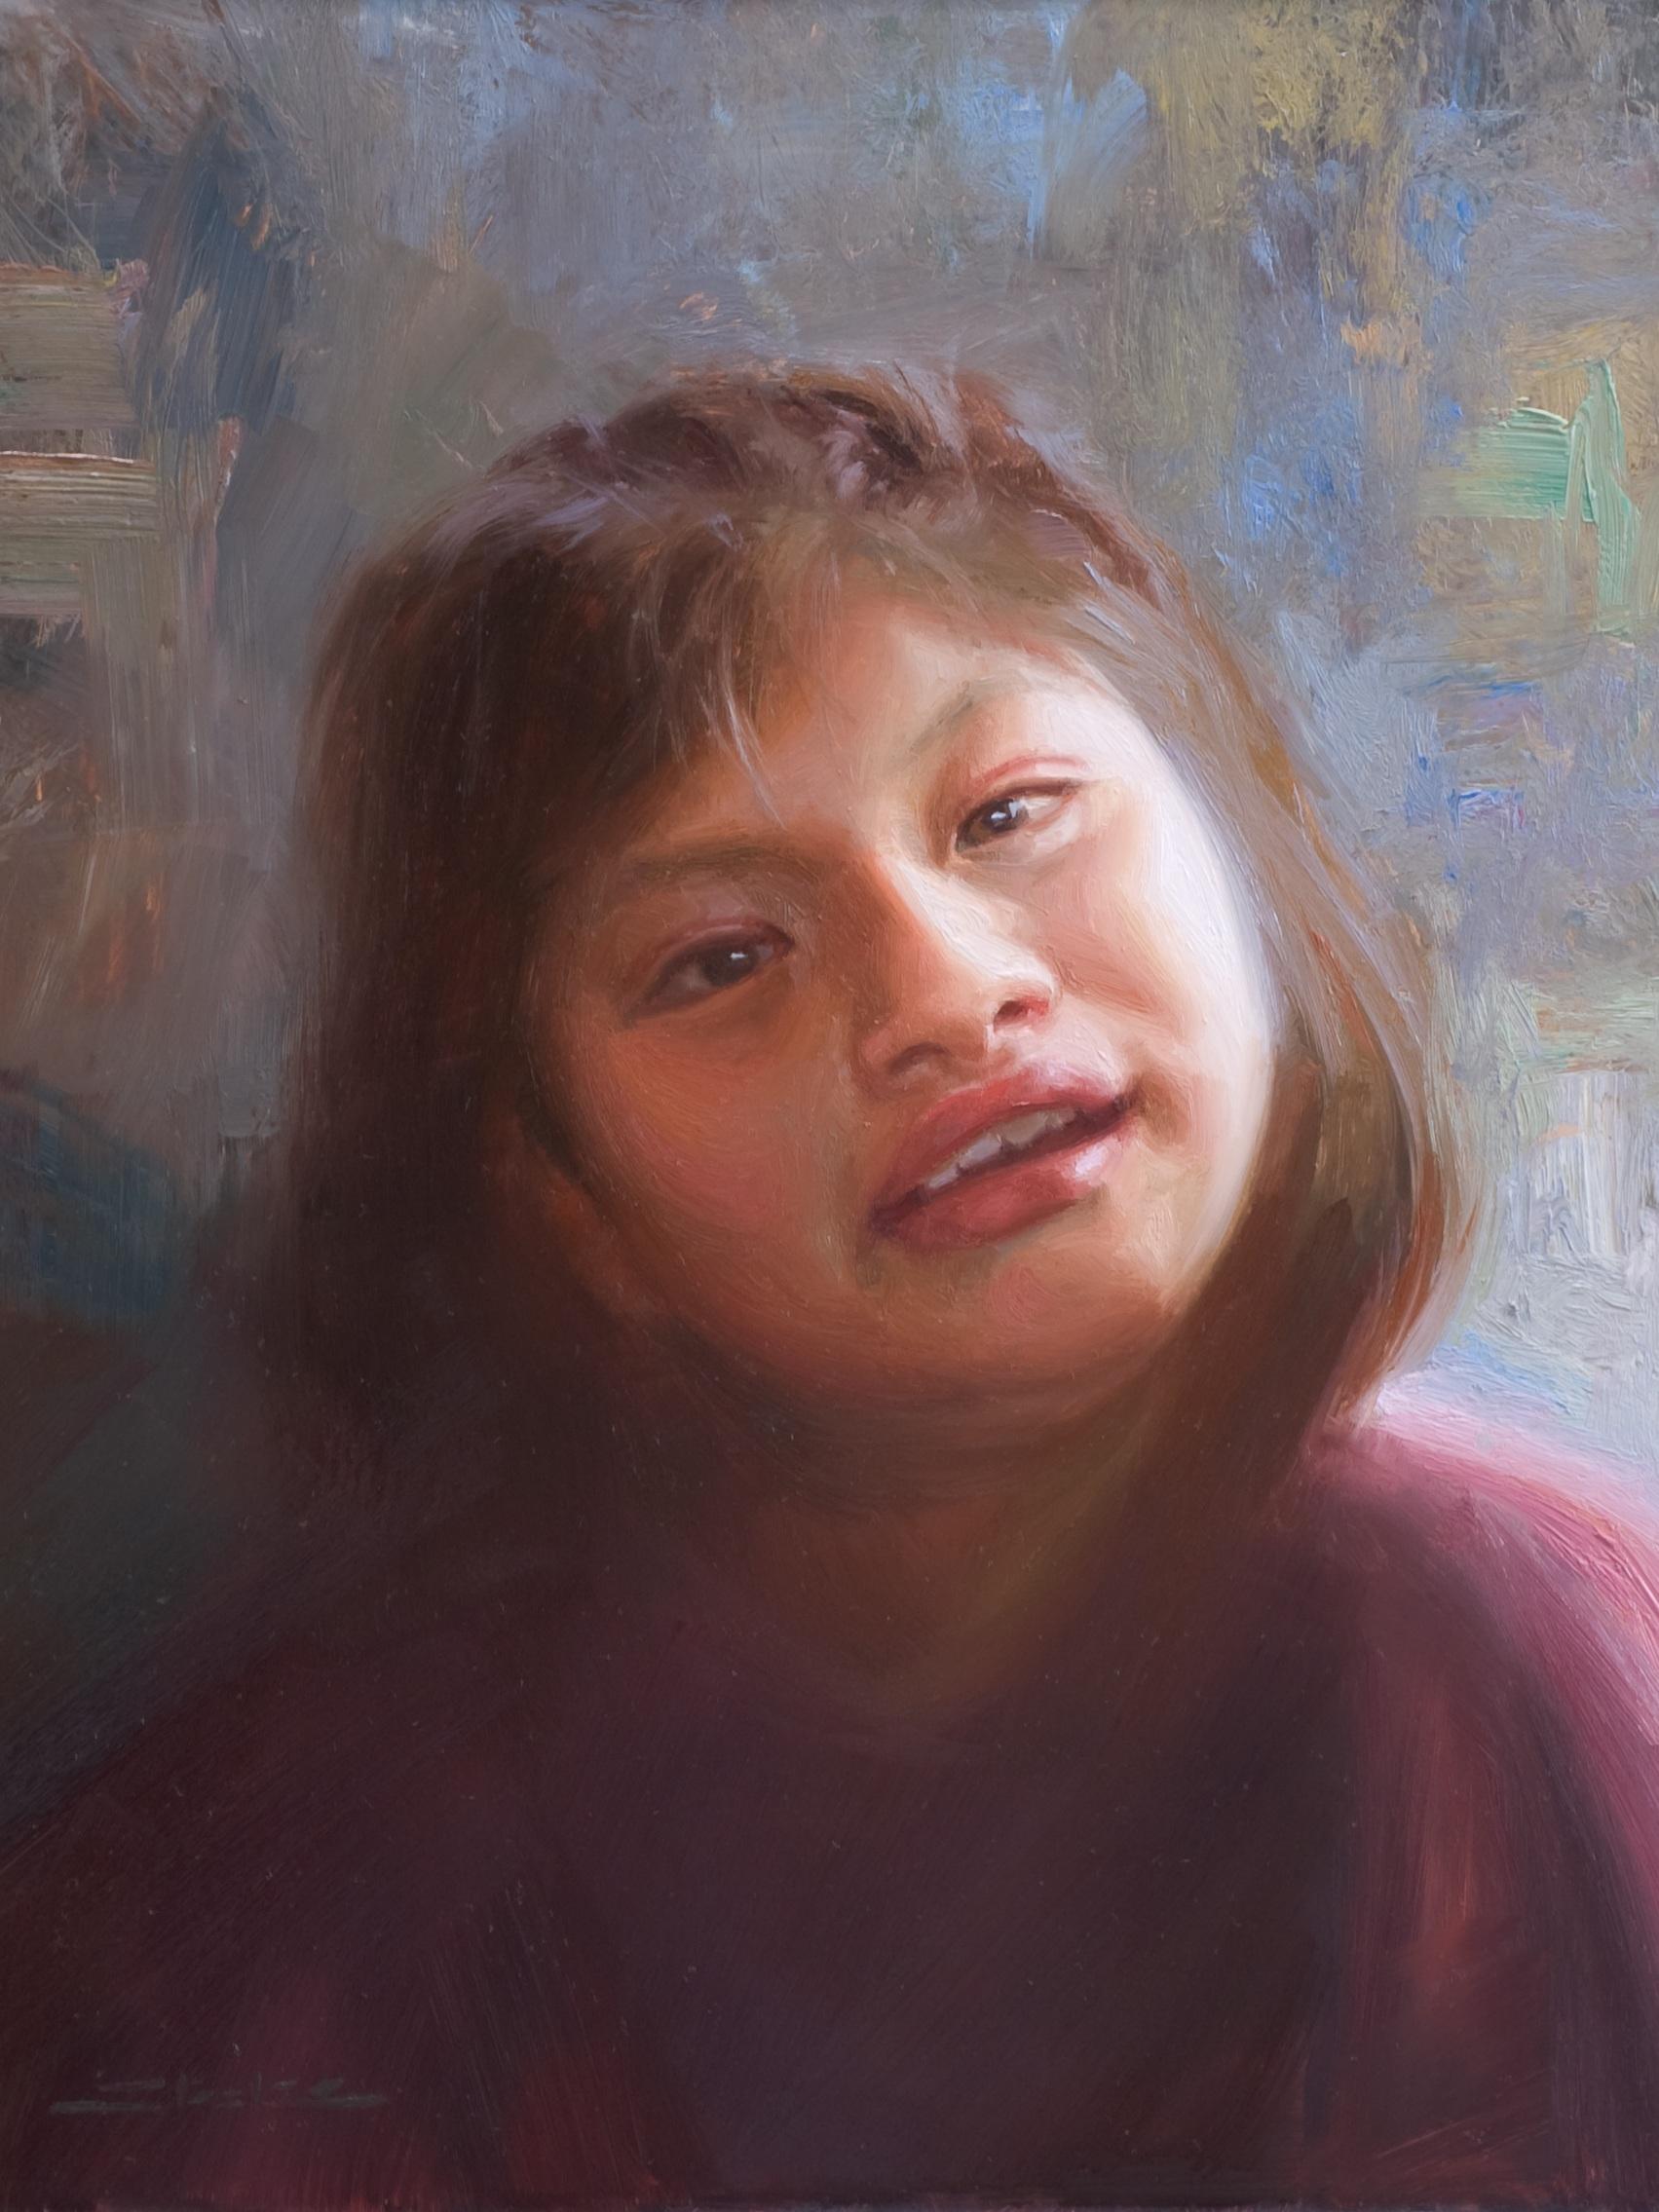 Jonathan Stasko - Oil on CanvasSchoharie, New YorkWebsite